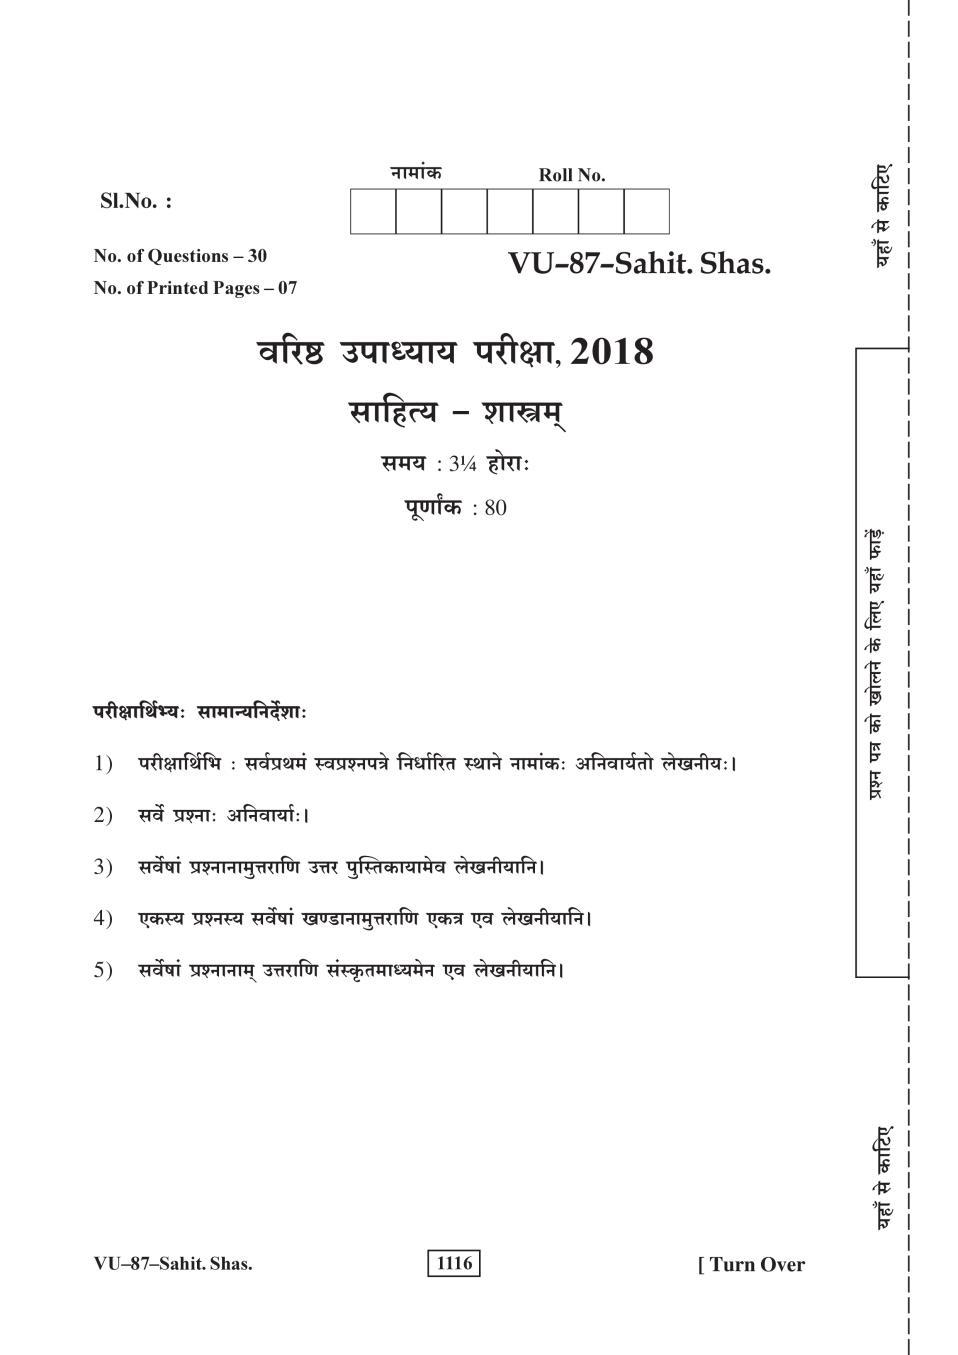 Rajasthan Board V Upadhyay Sahitya Shastram Question Paper 2018 - Page 1